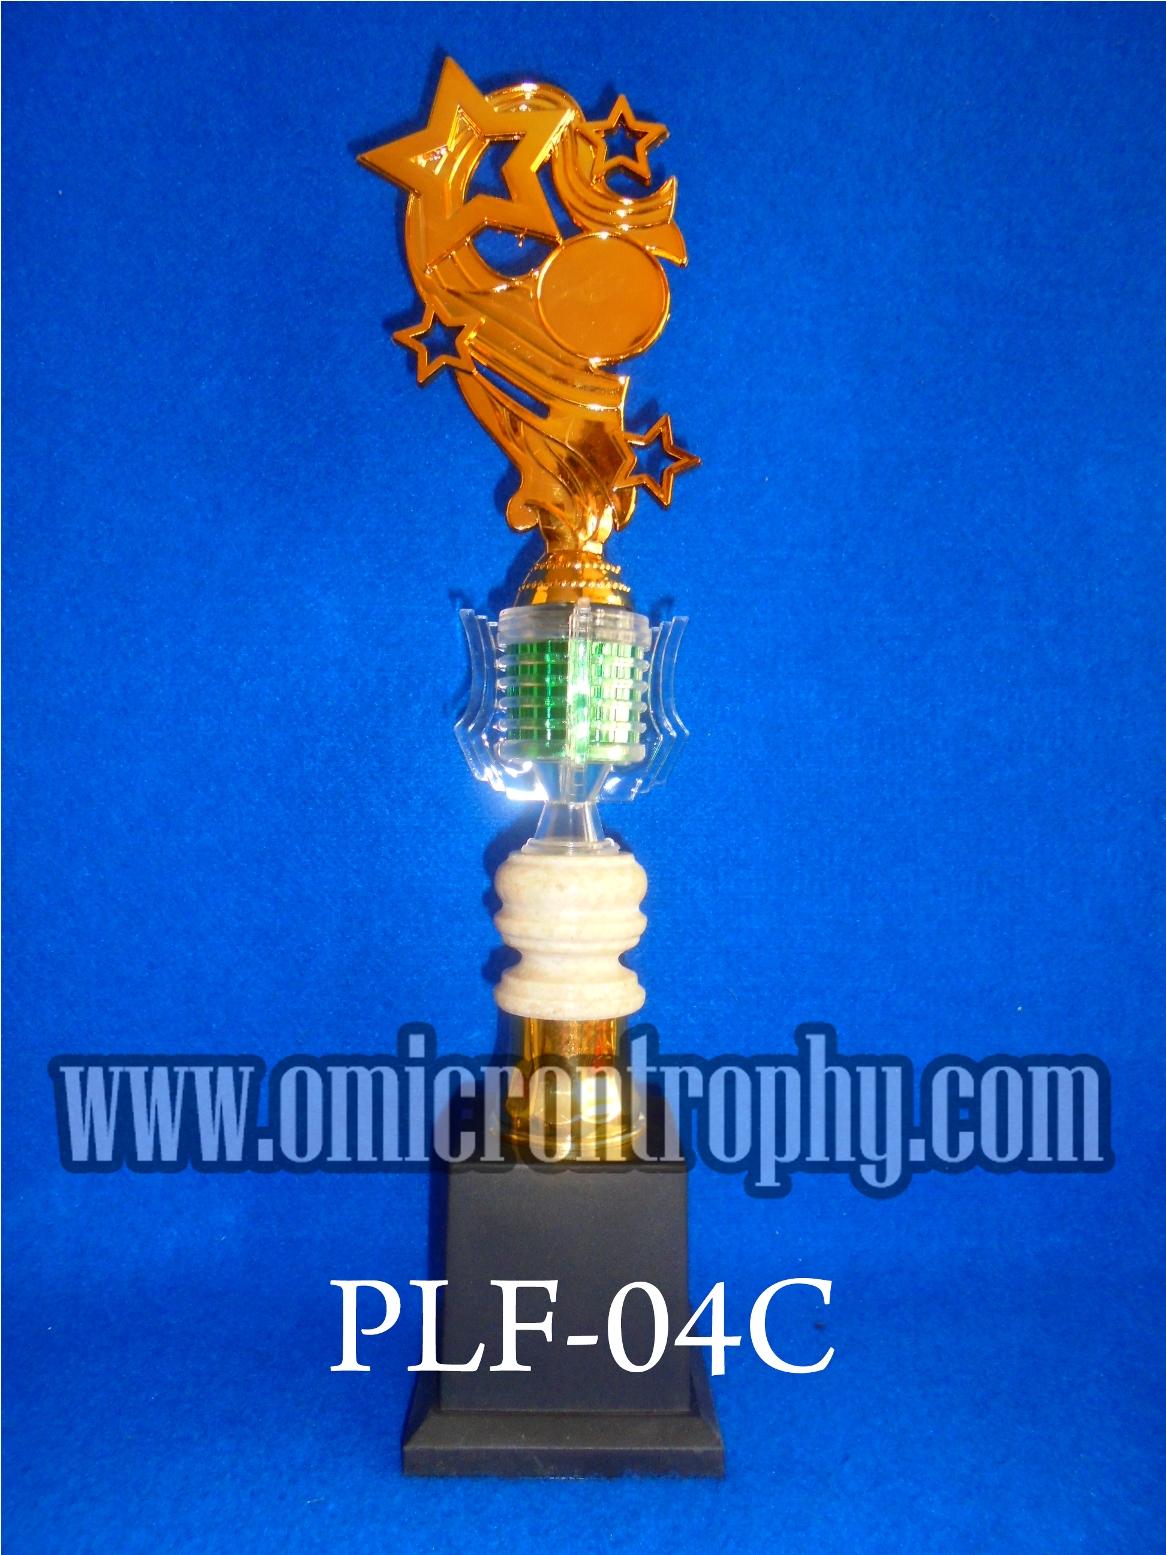 jual piala murah siap kirim tangerang omicron trophy